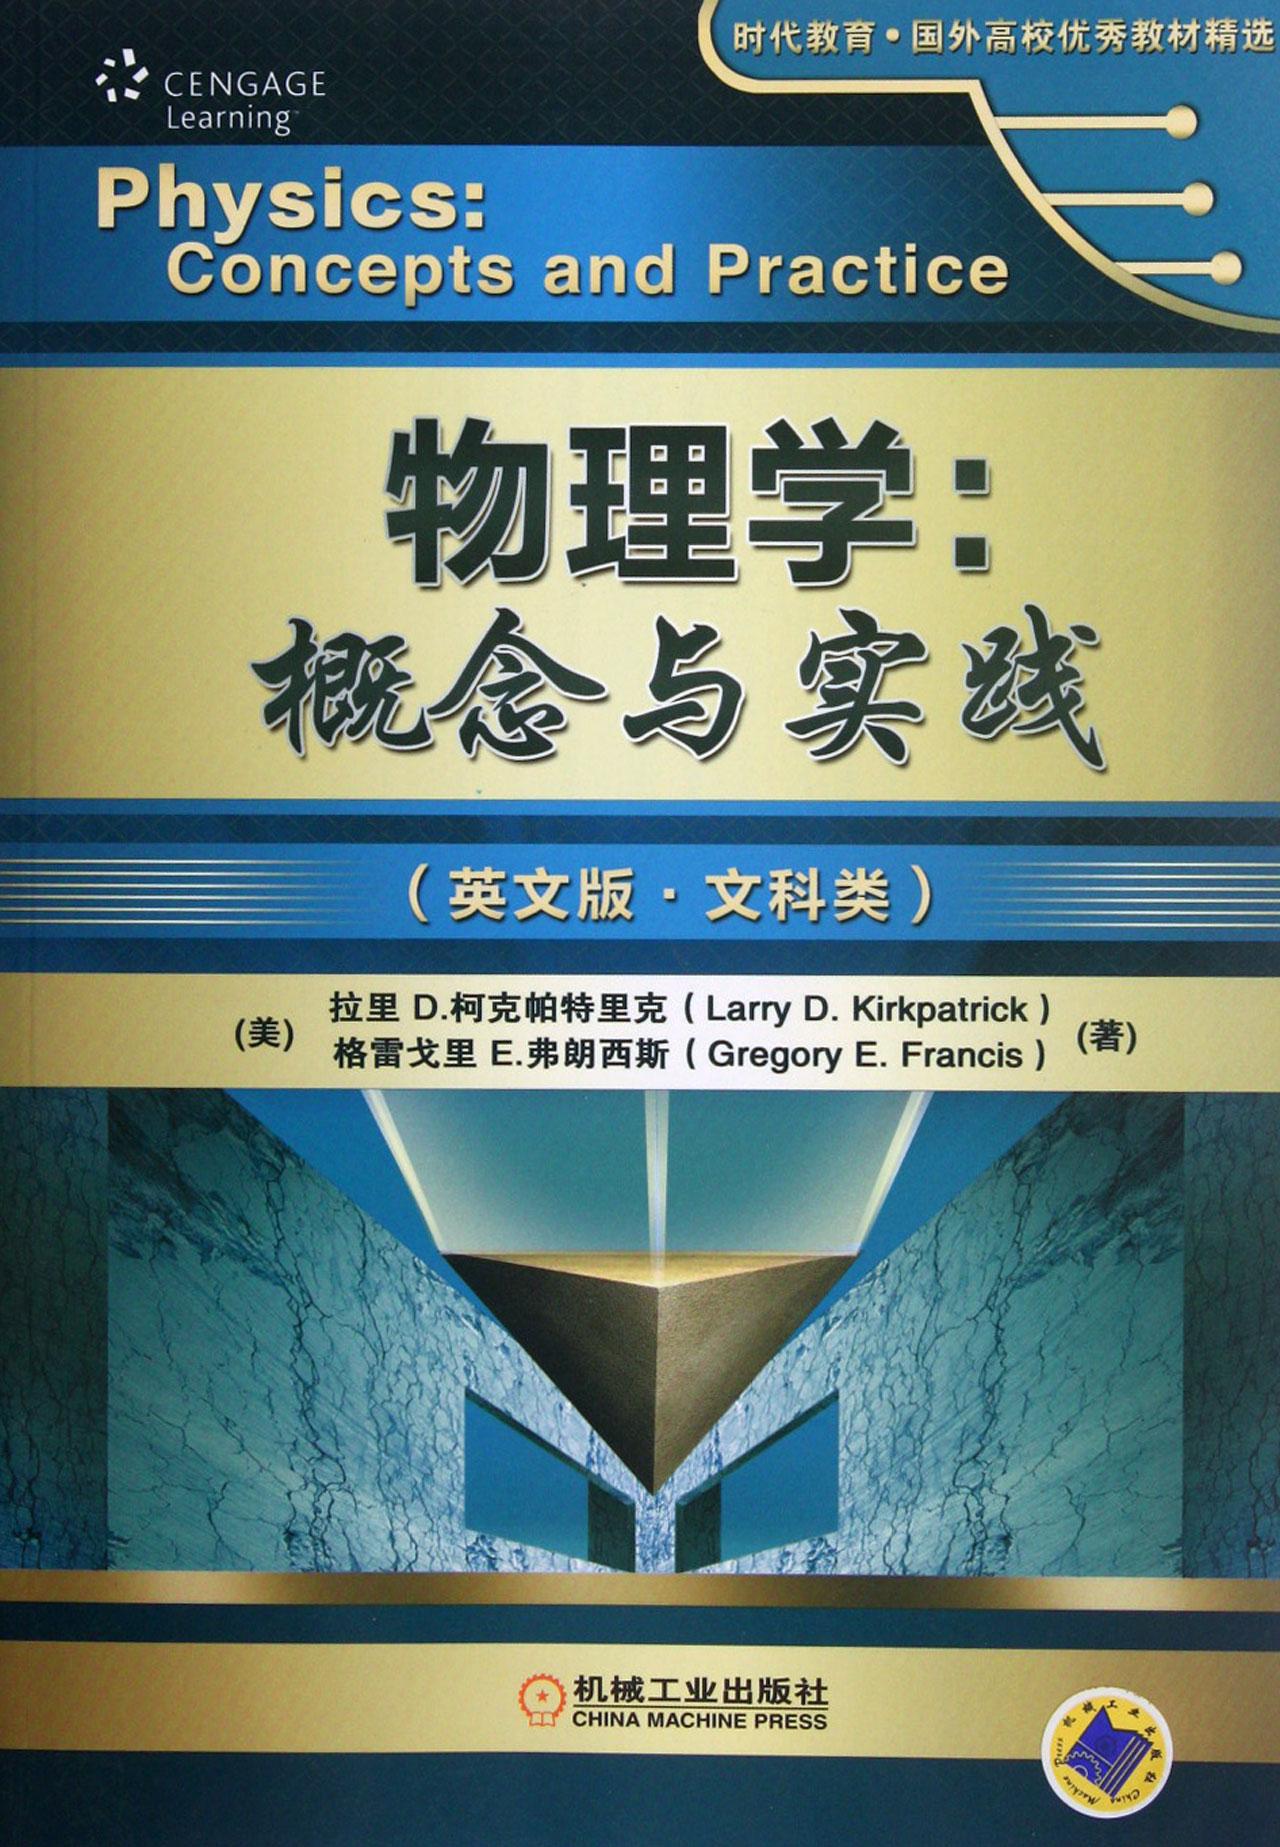 物理学--概念与实践(英文版文科类时代教育国外高校优秀教材精选)